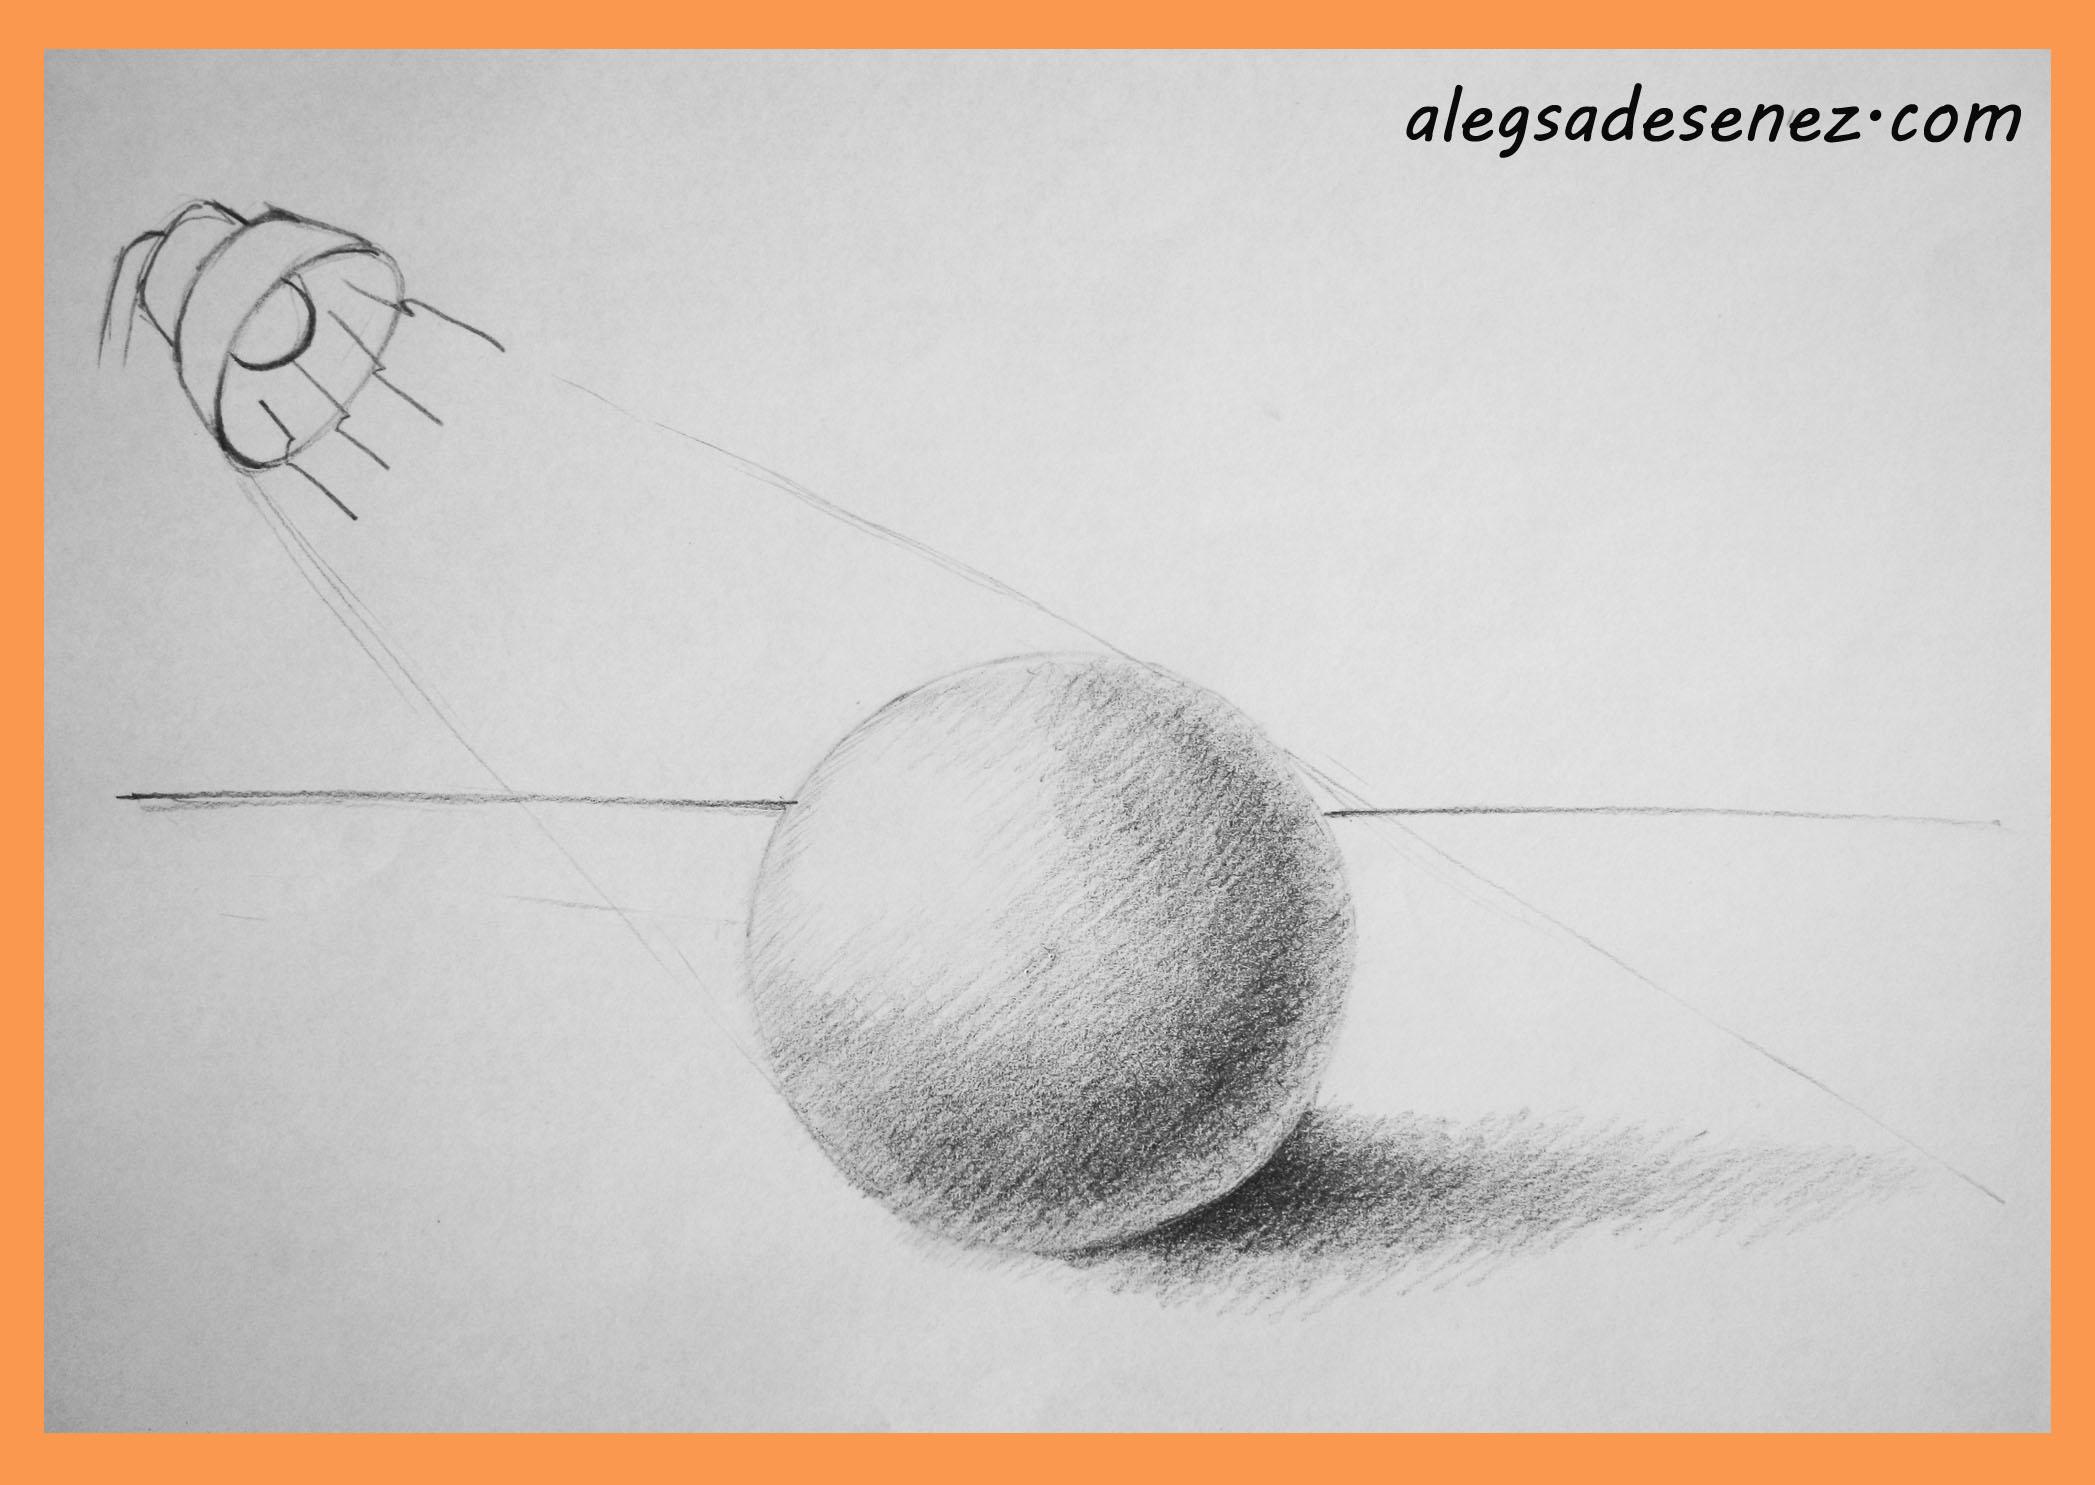 La ce ajuta sa stii sa desenezi o sfera